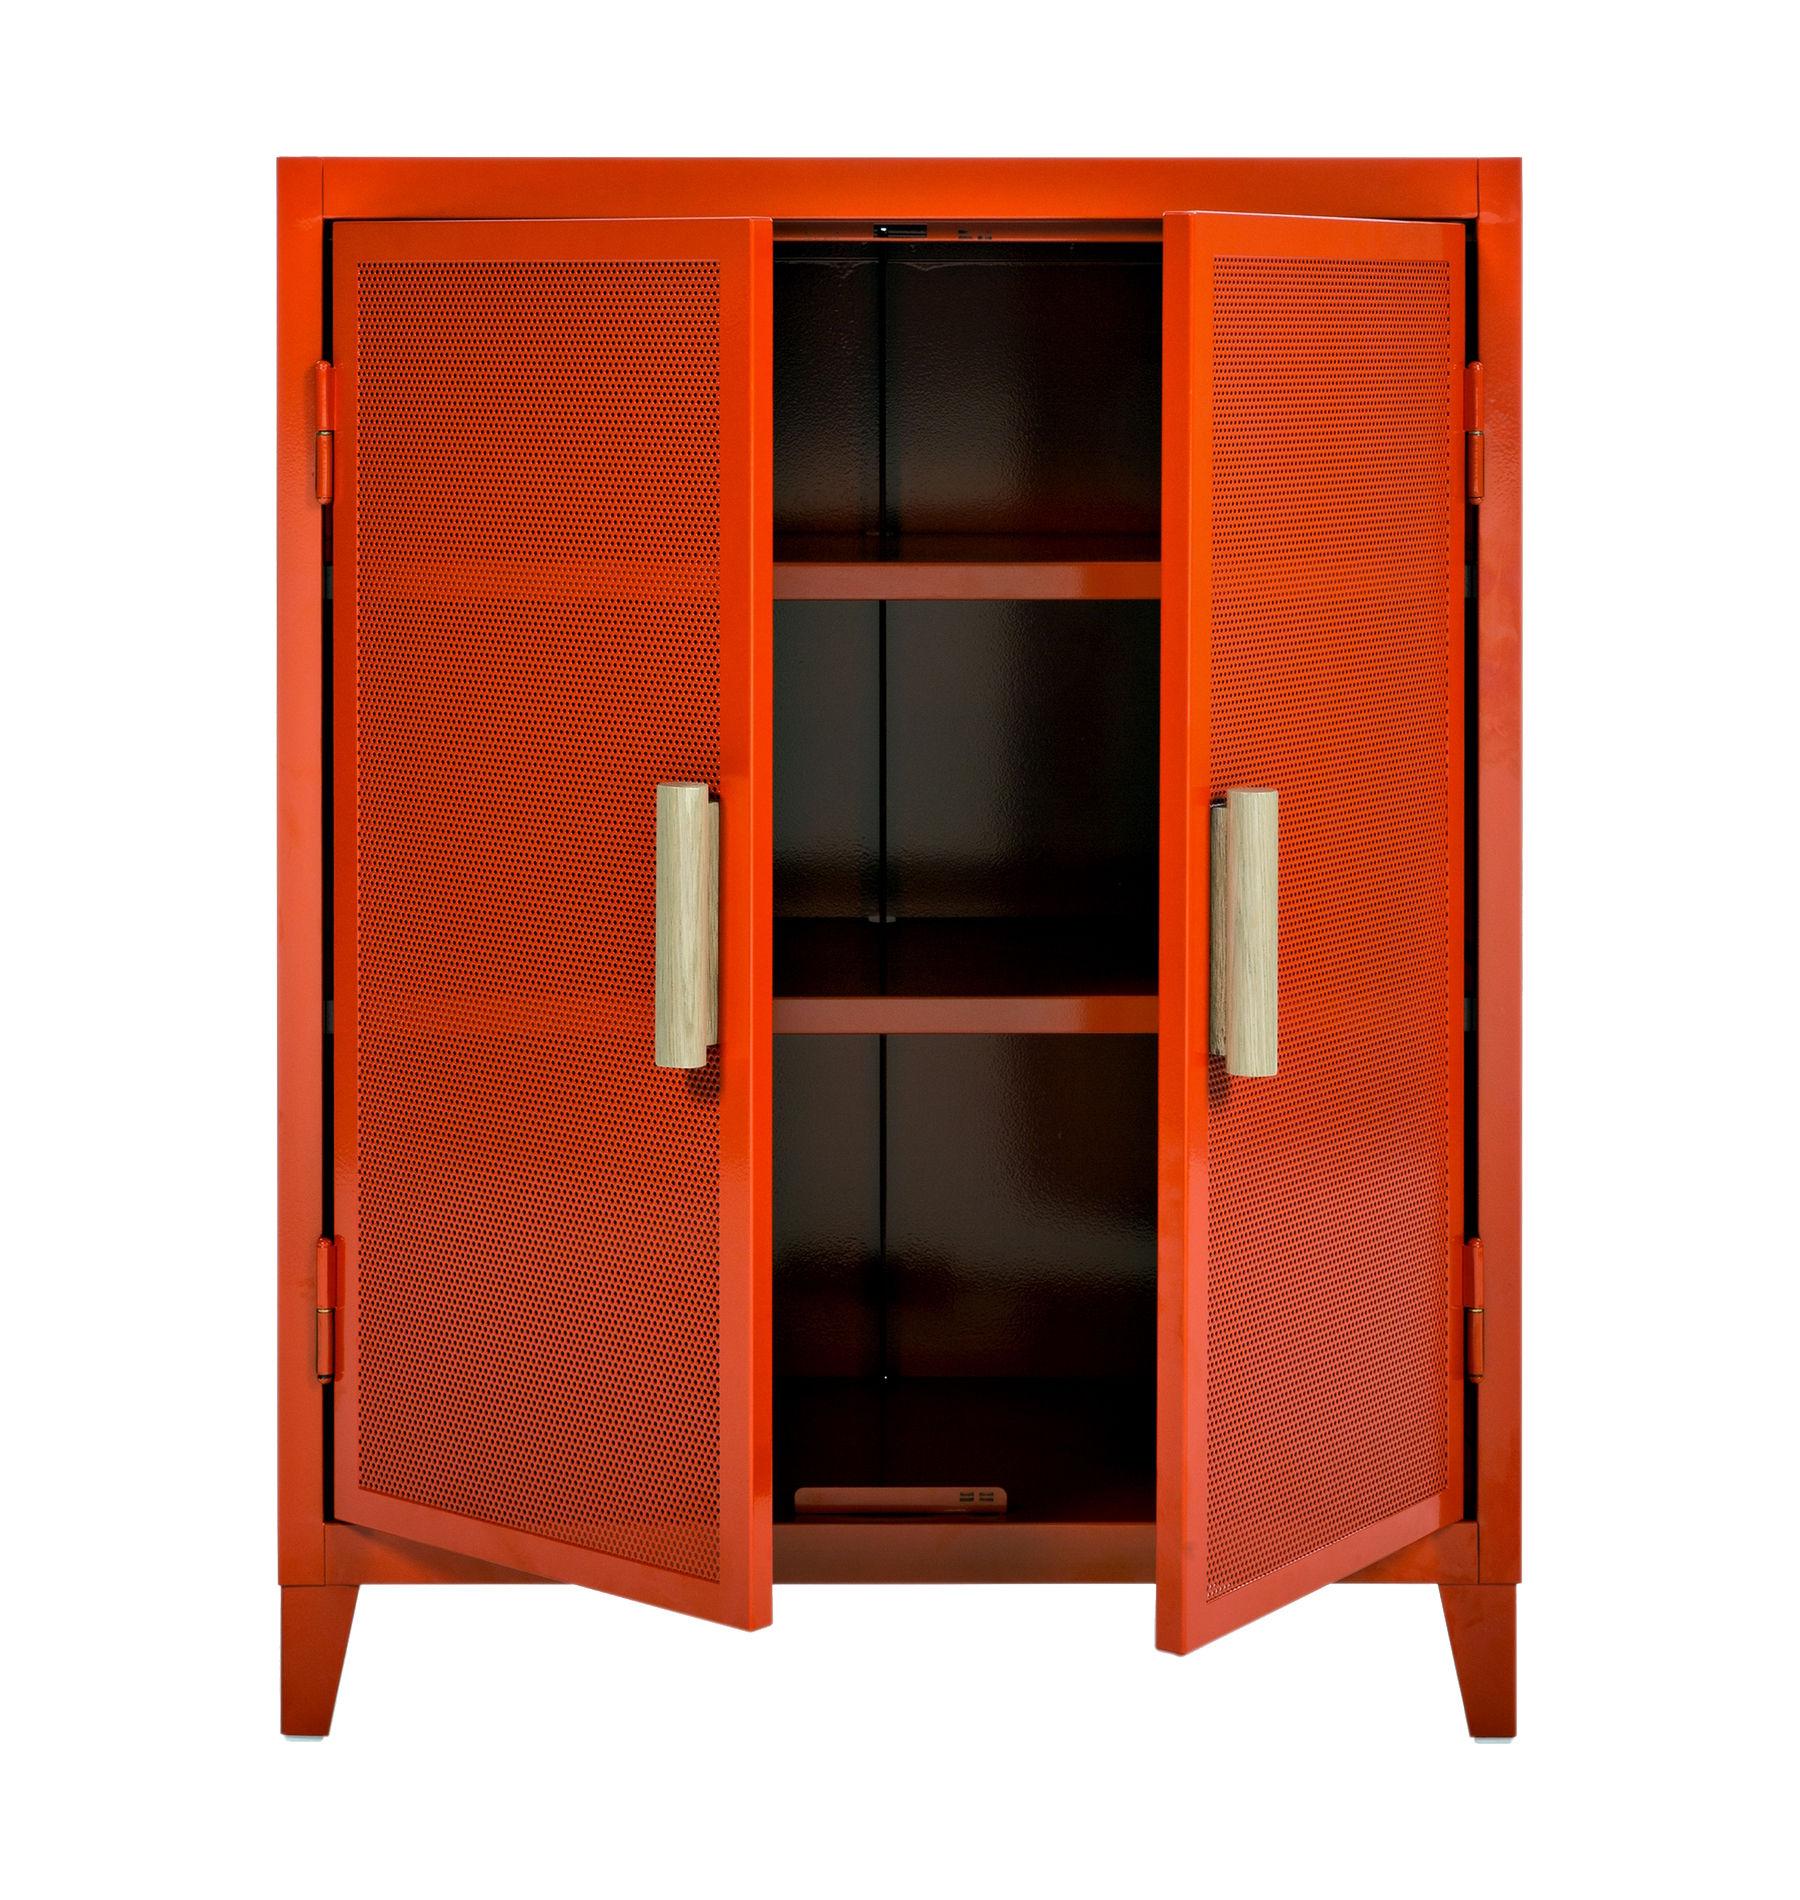 rangement vestiaire bas 2 portes acier perfor bois potiron poign es ch ne tolix. Black Bedroom Furniture Sets. Home Design Ideas